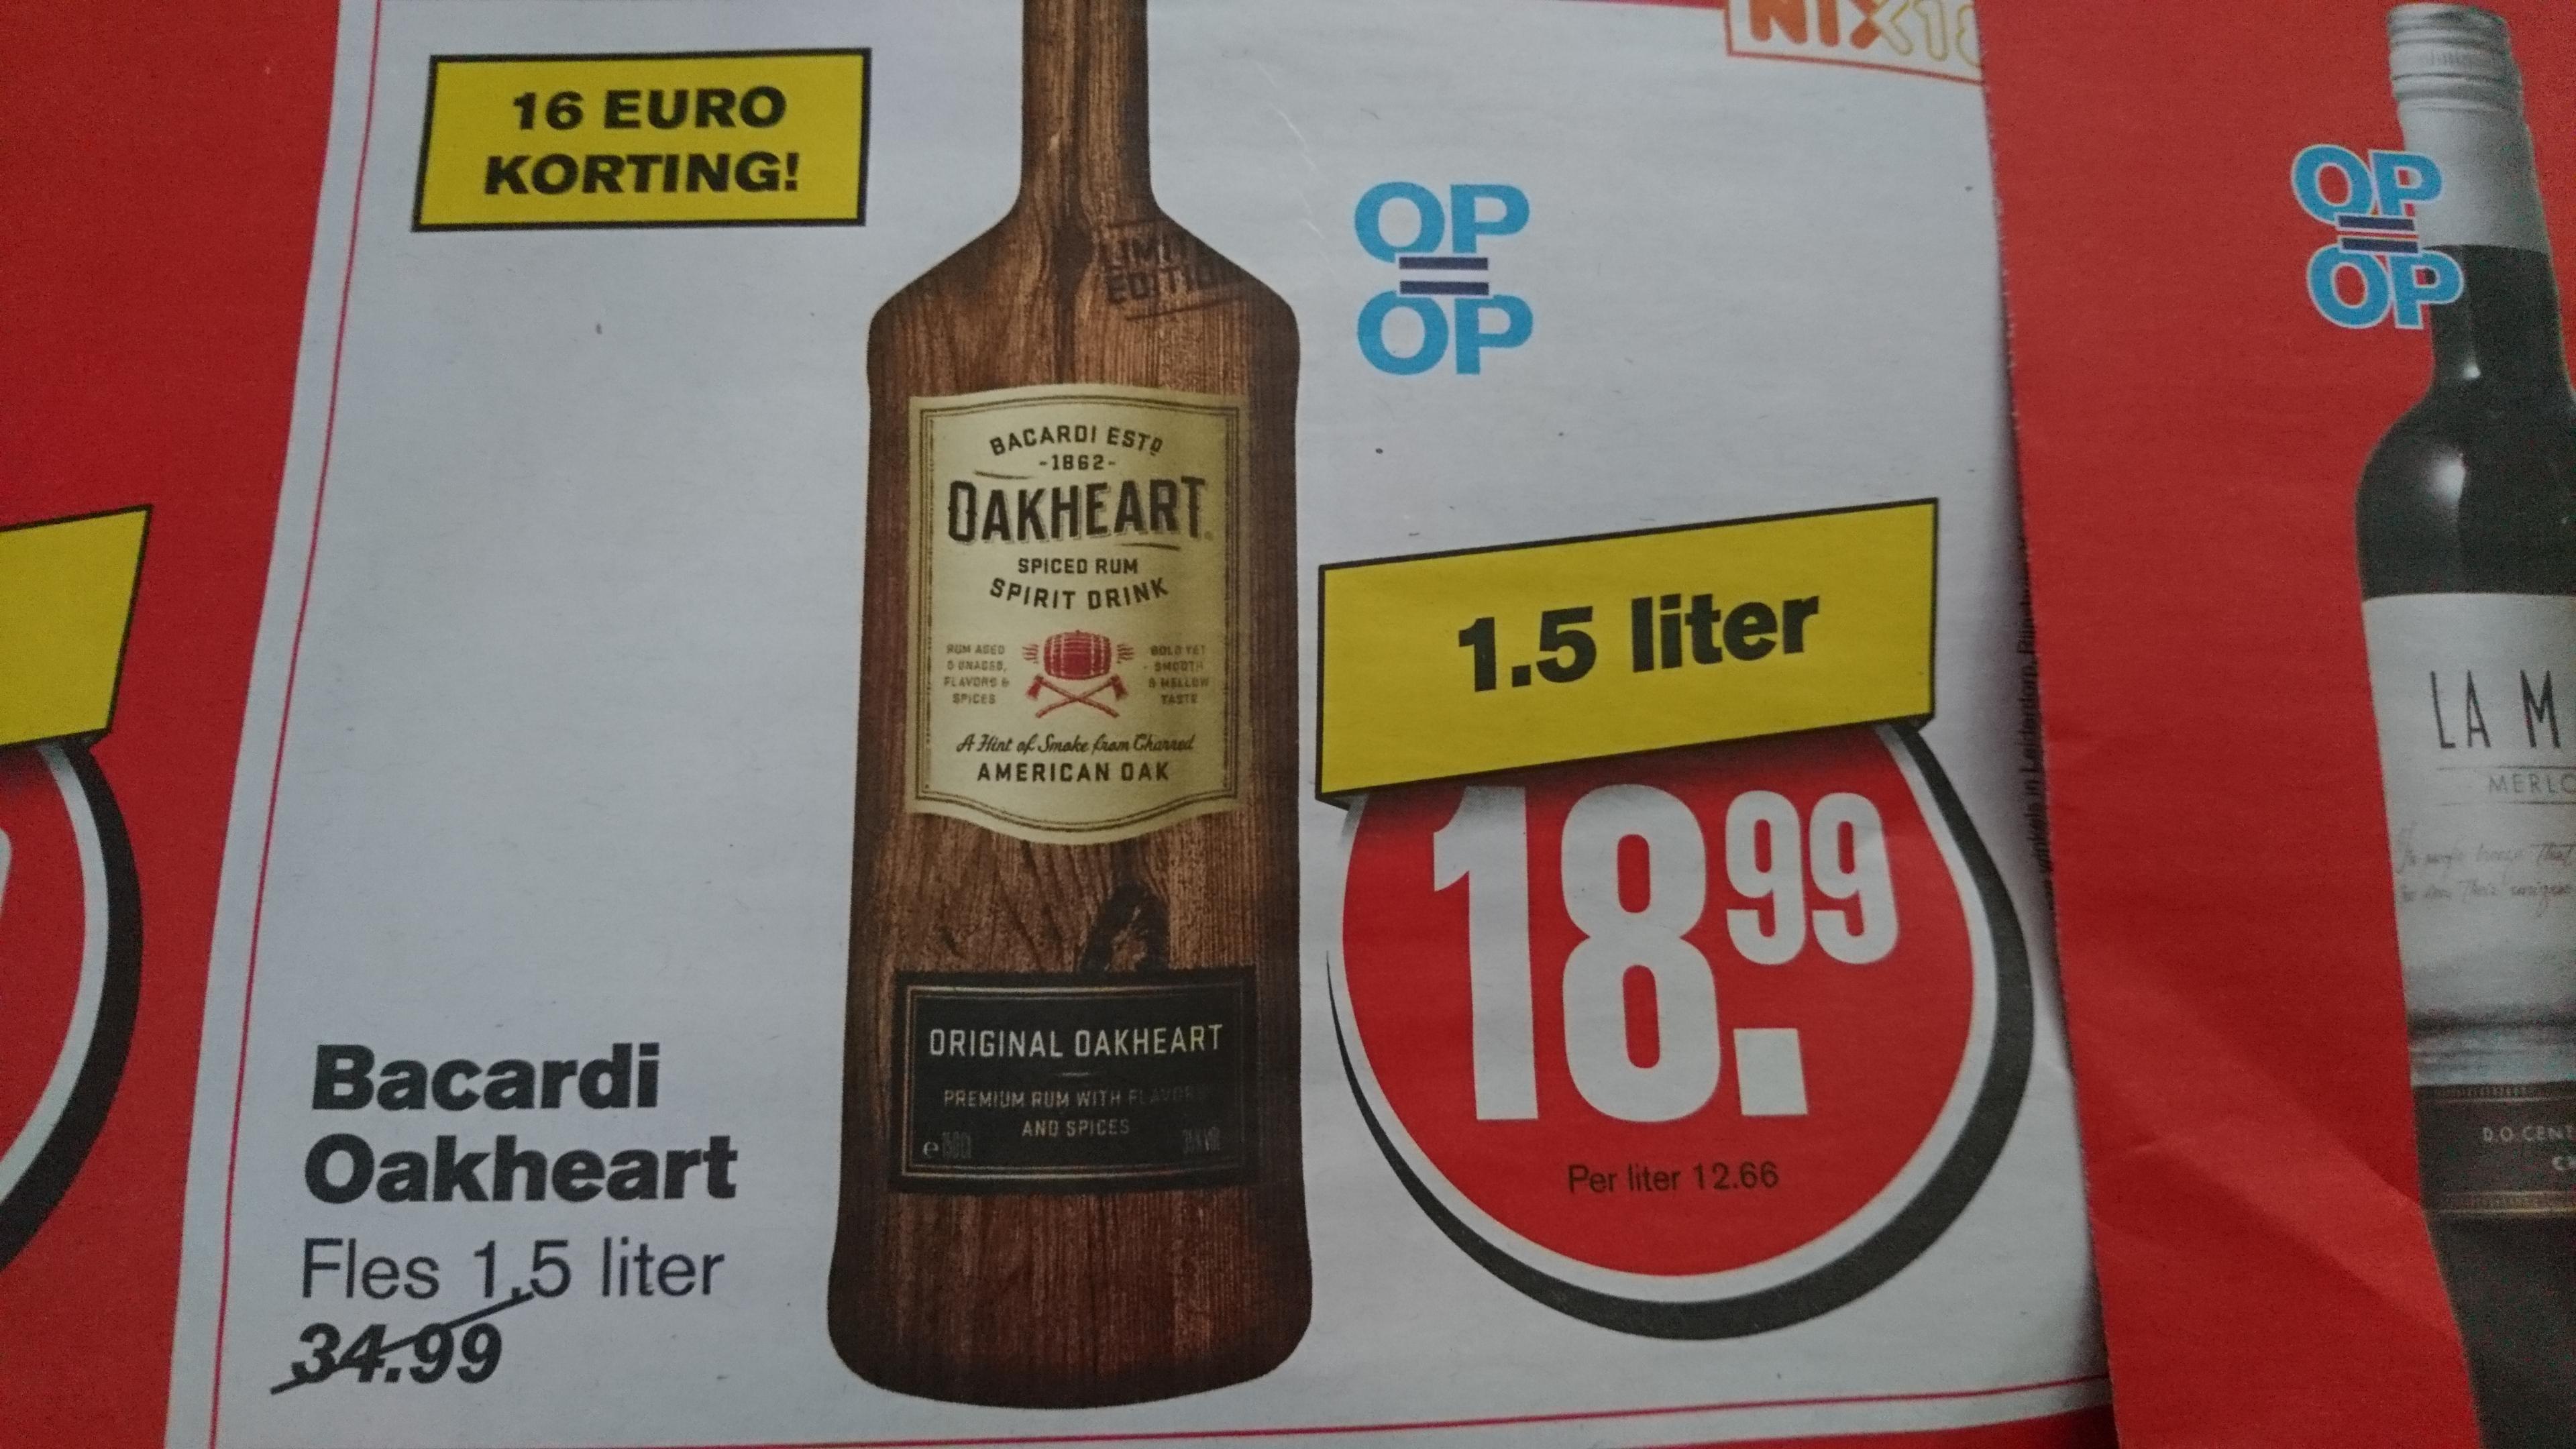 Bacardi Oakheart 1.5 liter @ Hoogvliet